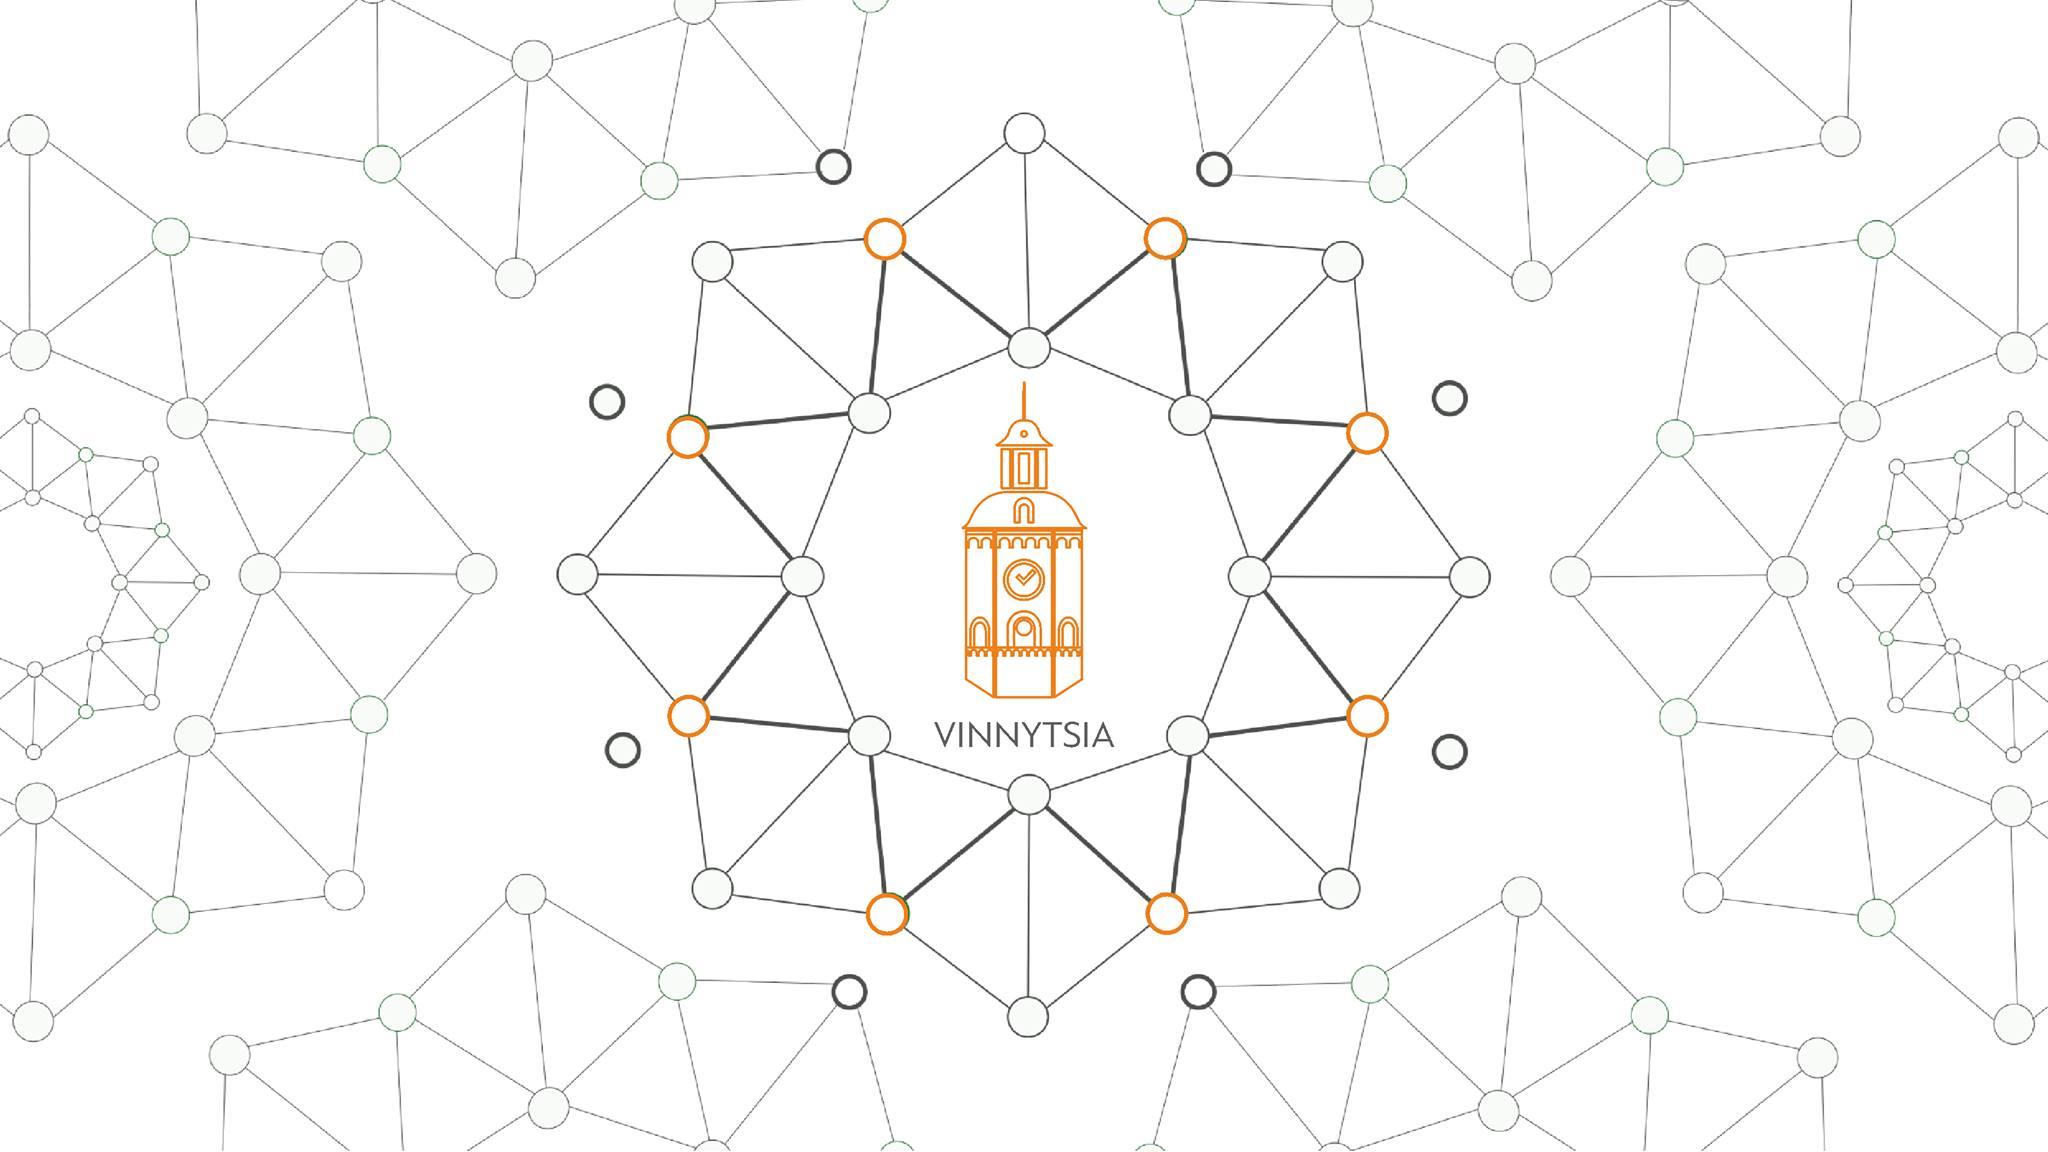 Просте спілкування: у Вінниці вперше відбудеться Networking: Change Makers